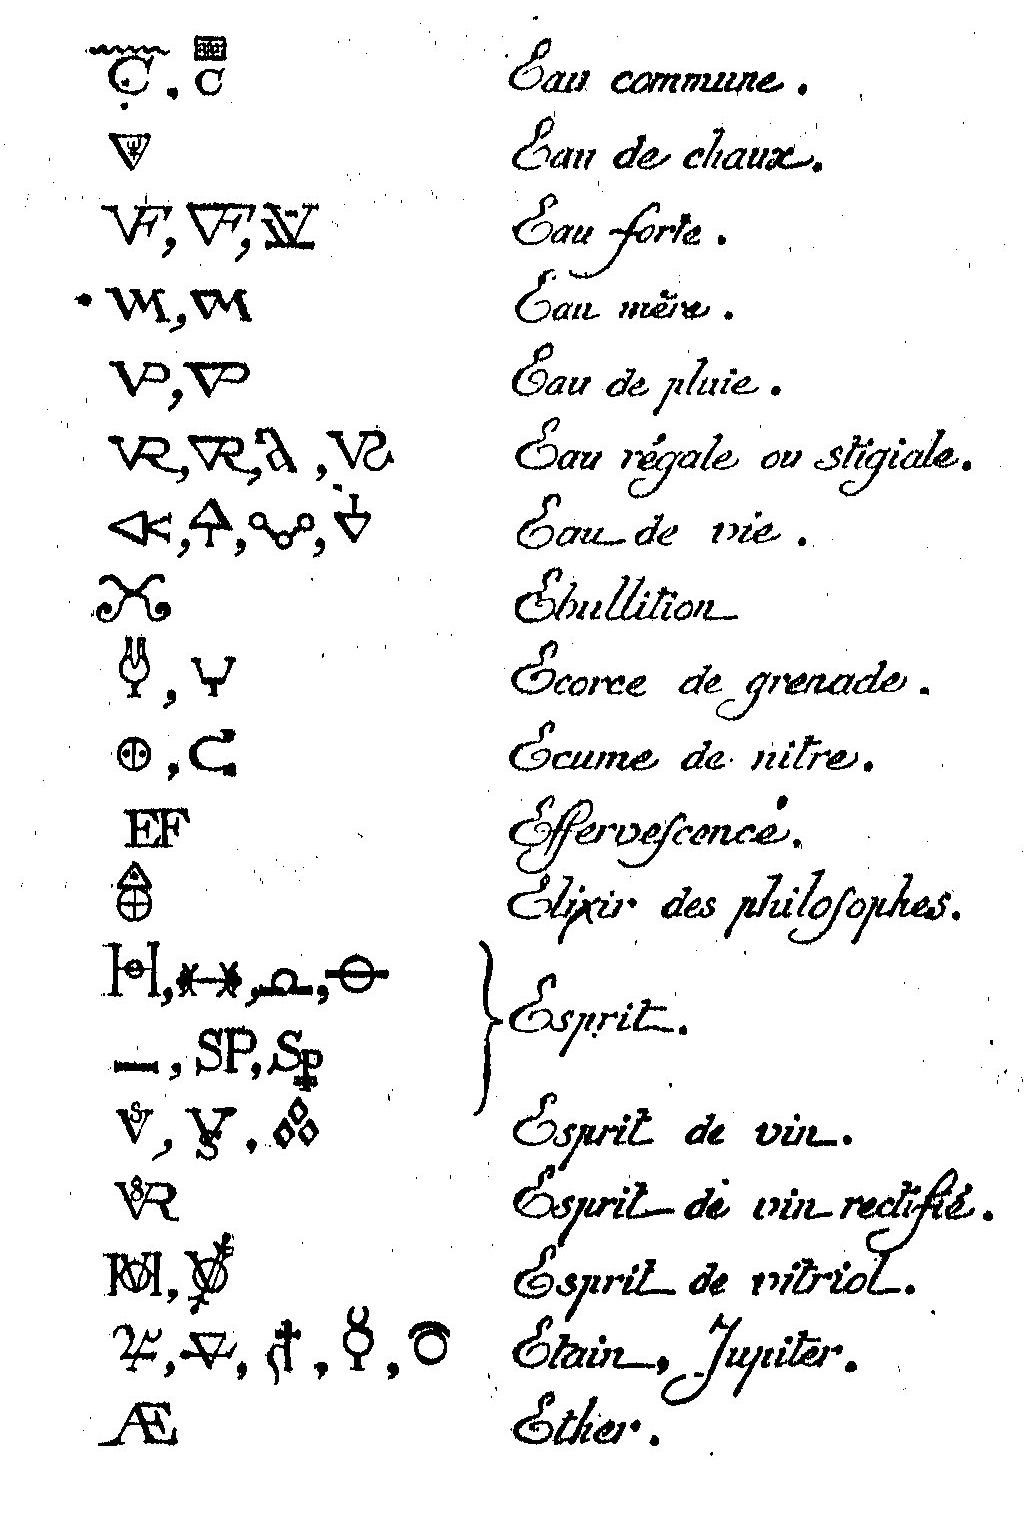 Le miroir alchimique symboles alchimiques et spagyriques 1 for Symbolique du miroir